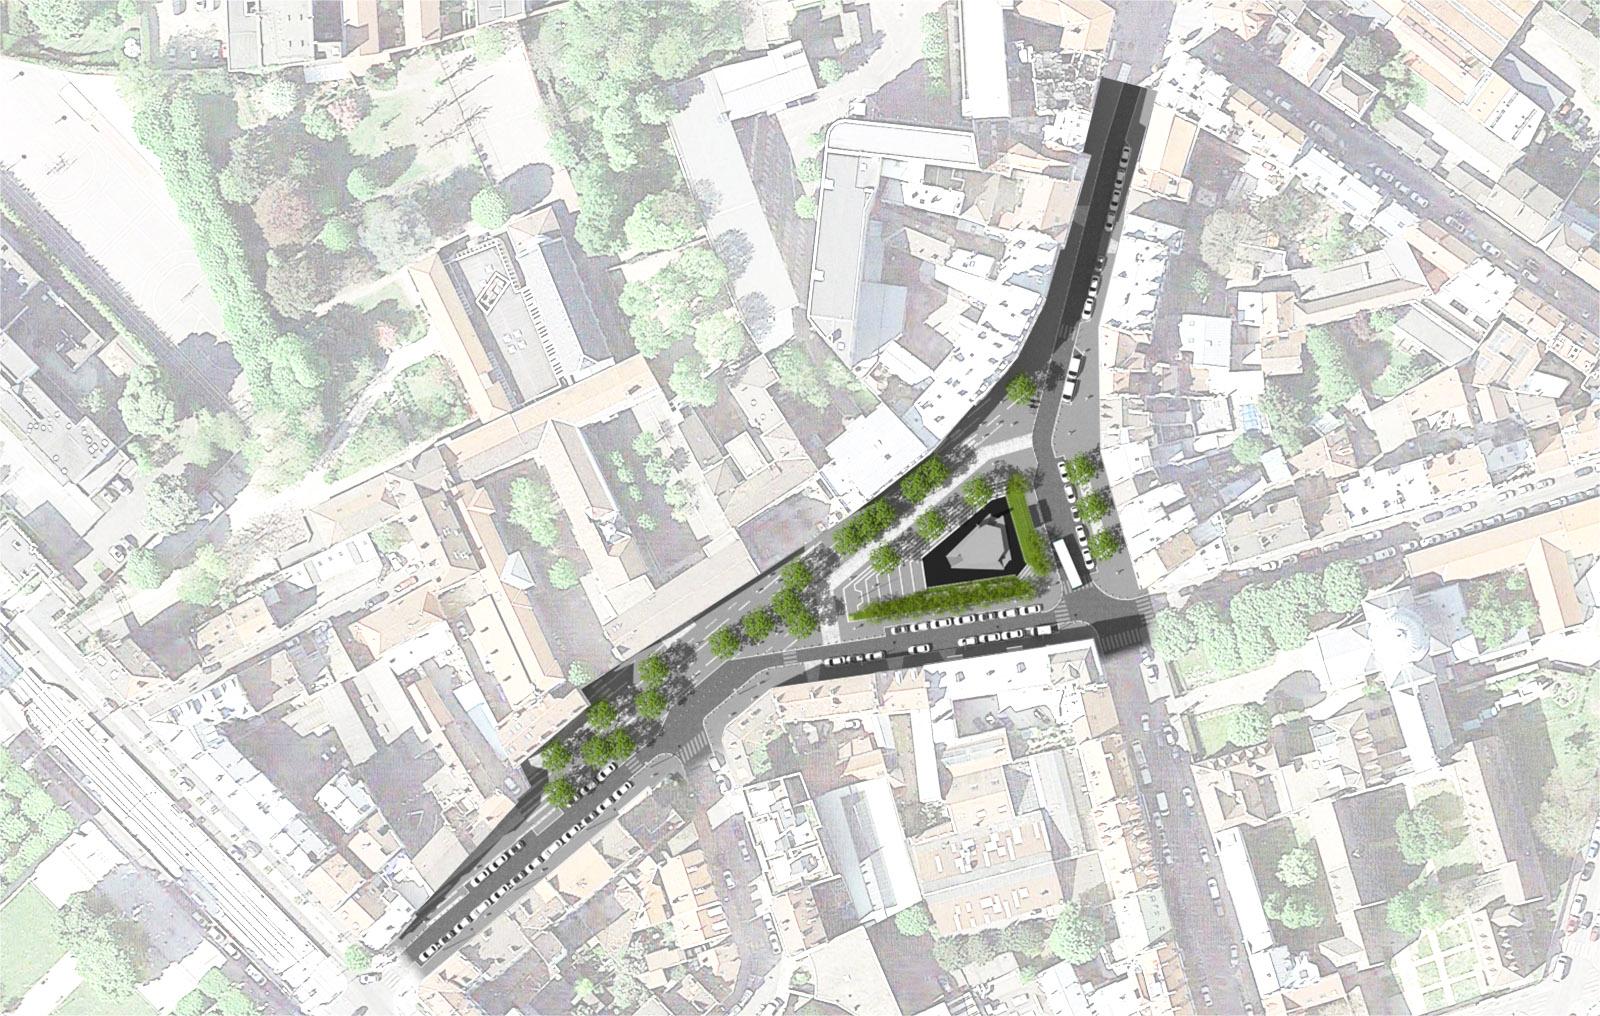 Plan masse des aménagements de la place de la résistance et de la déportation à Saint-denis